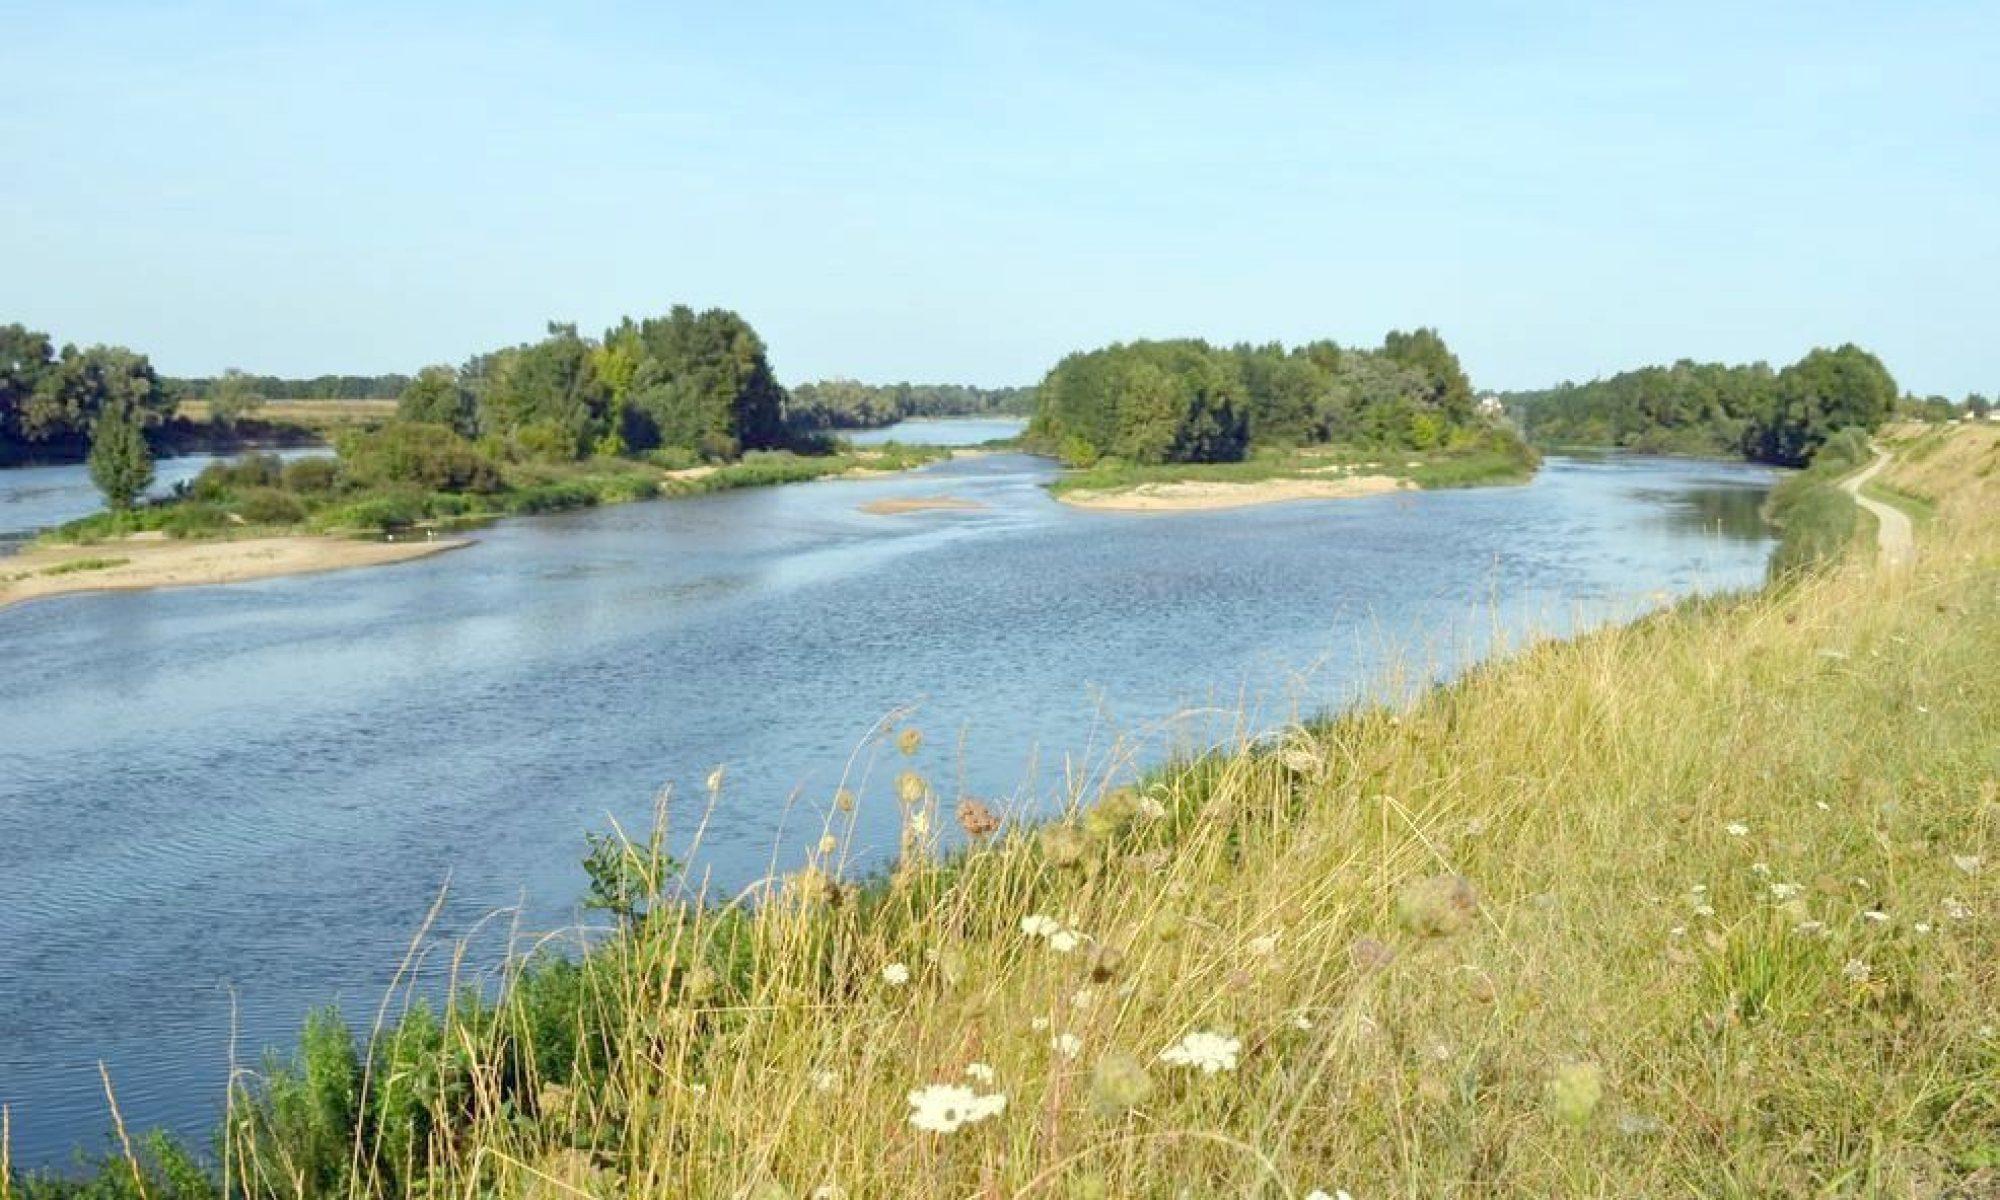 Société d'histoire naturelle de Loir-et-Cher